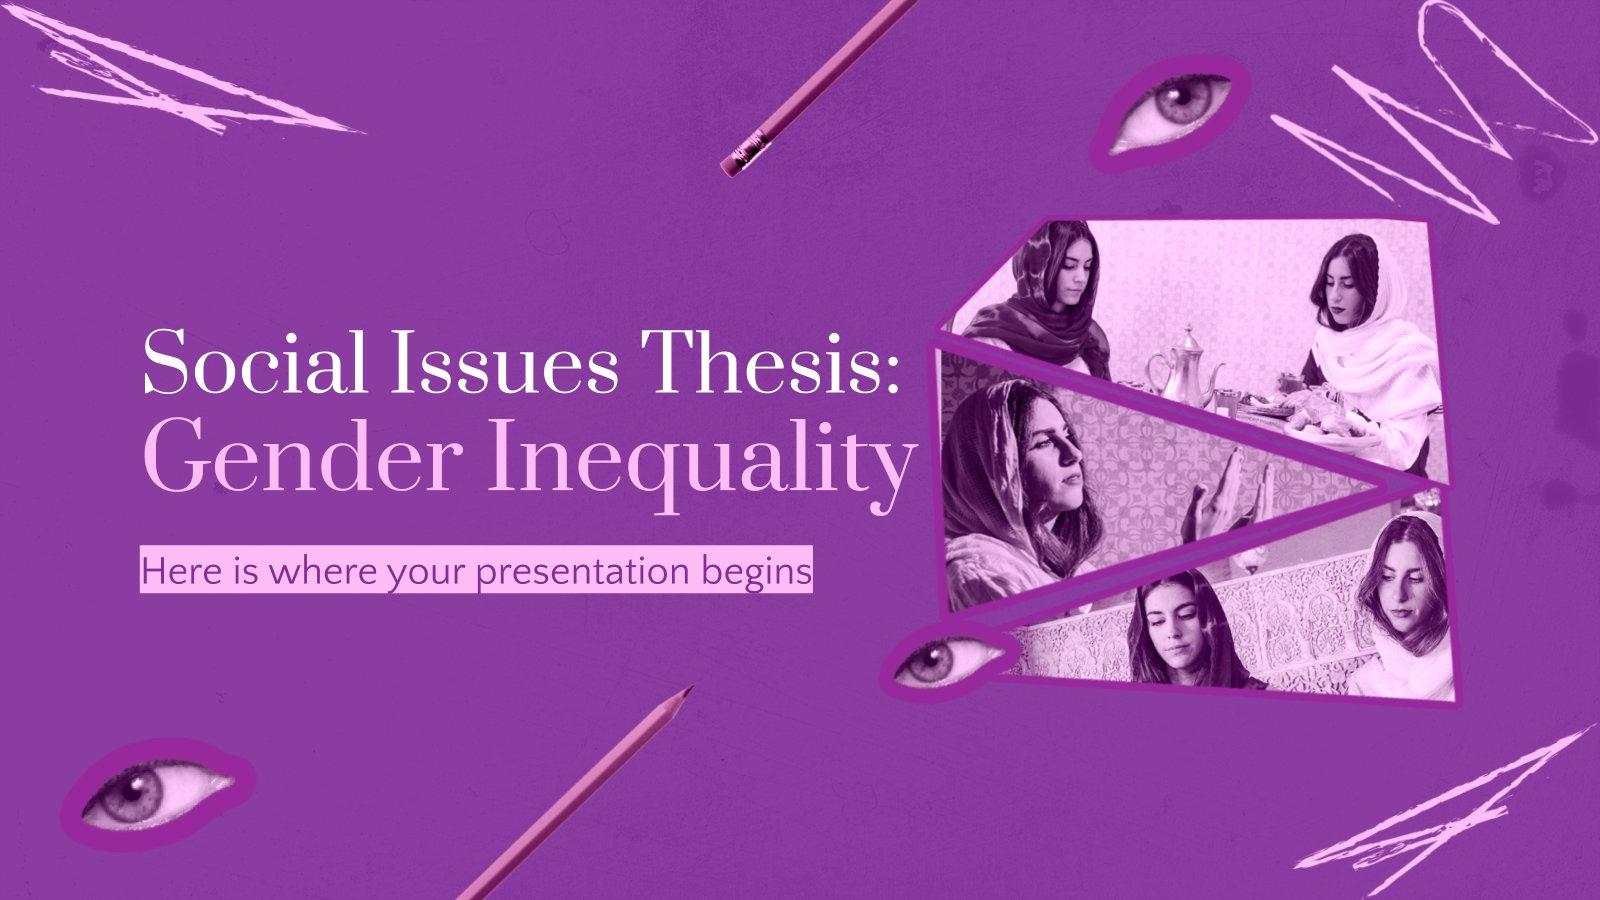 Plantilla de presentación Tesis sobre la desigualdad de género